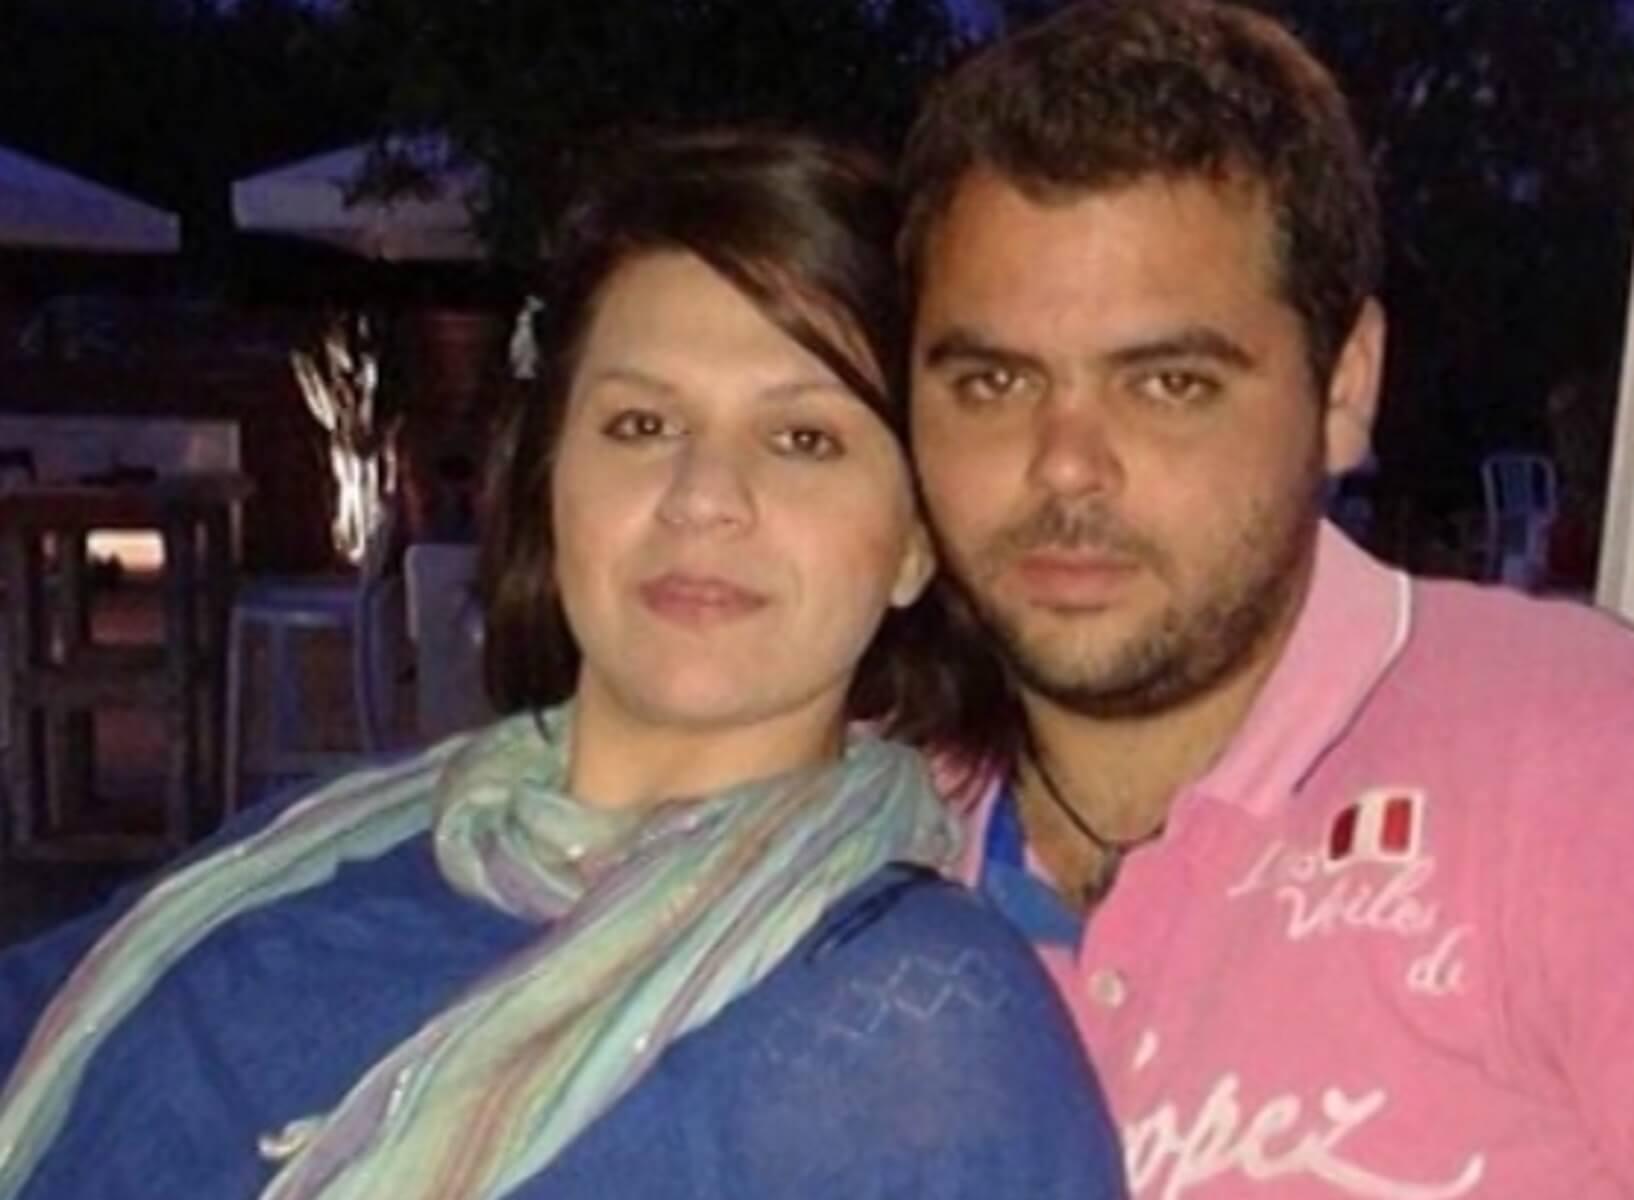 """Τραγωδία στην Κρήτη: """"Το πρωί είχαν διαλέξει το νυφικό της Ροδούλας"""""""